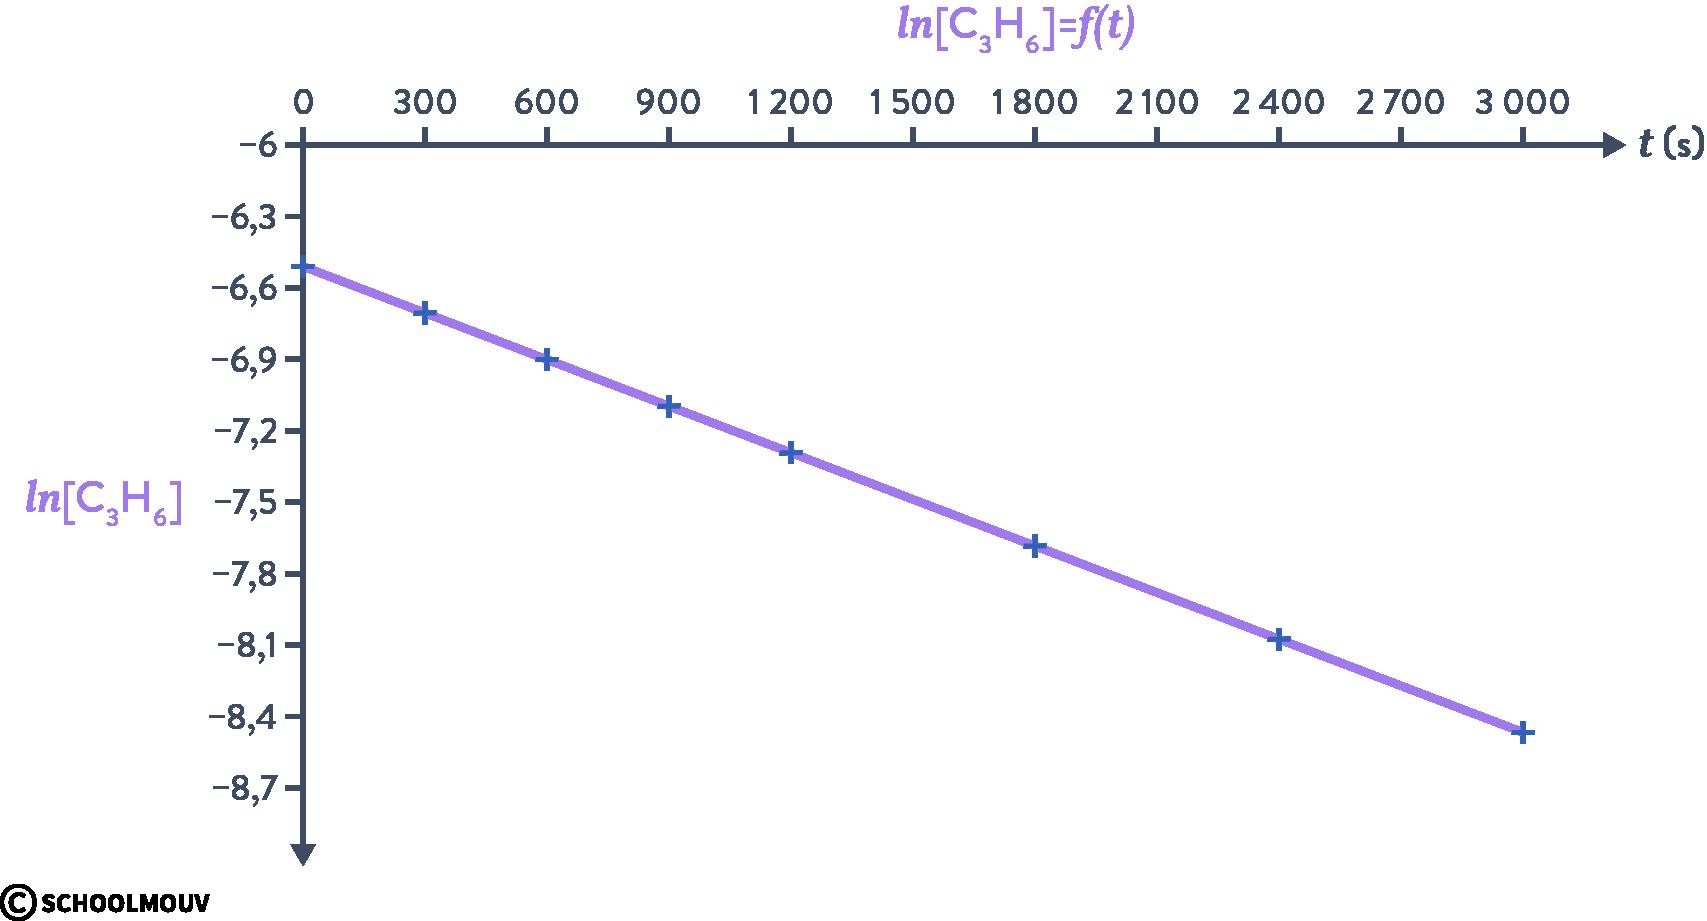 physique chimie terminale suivi temporel d'une réaction chimique macroscopique